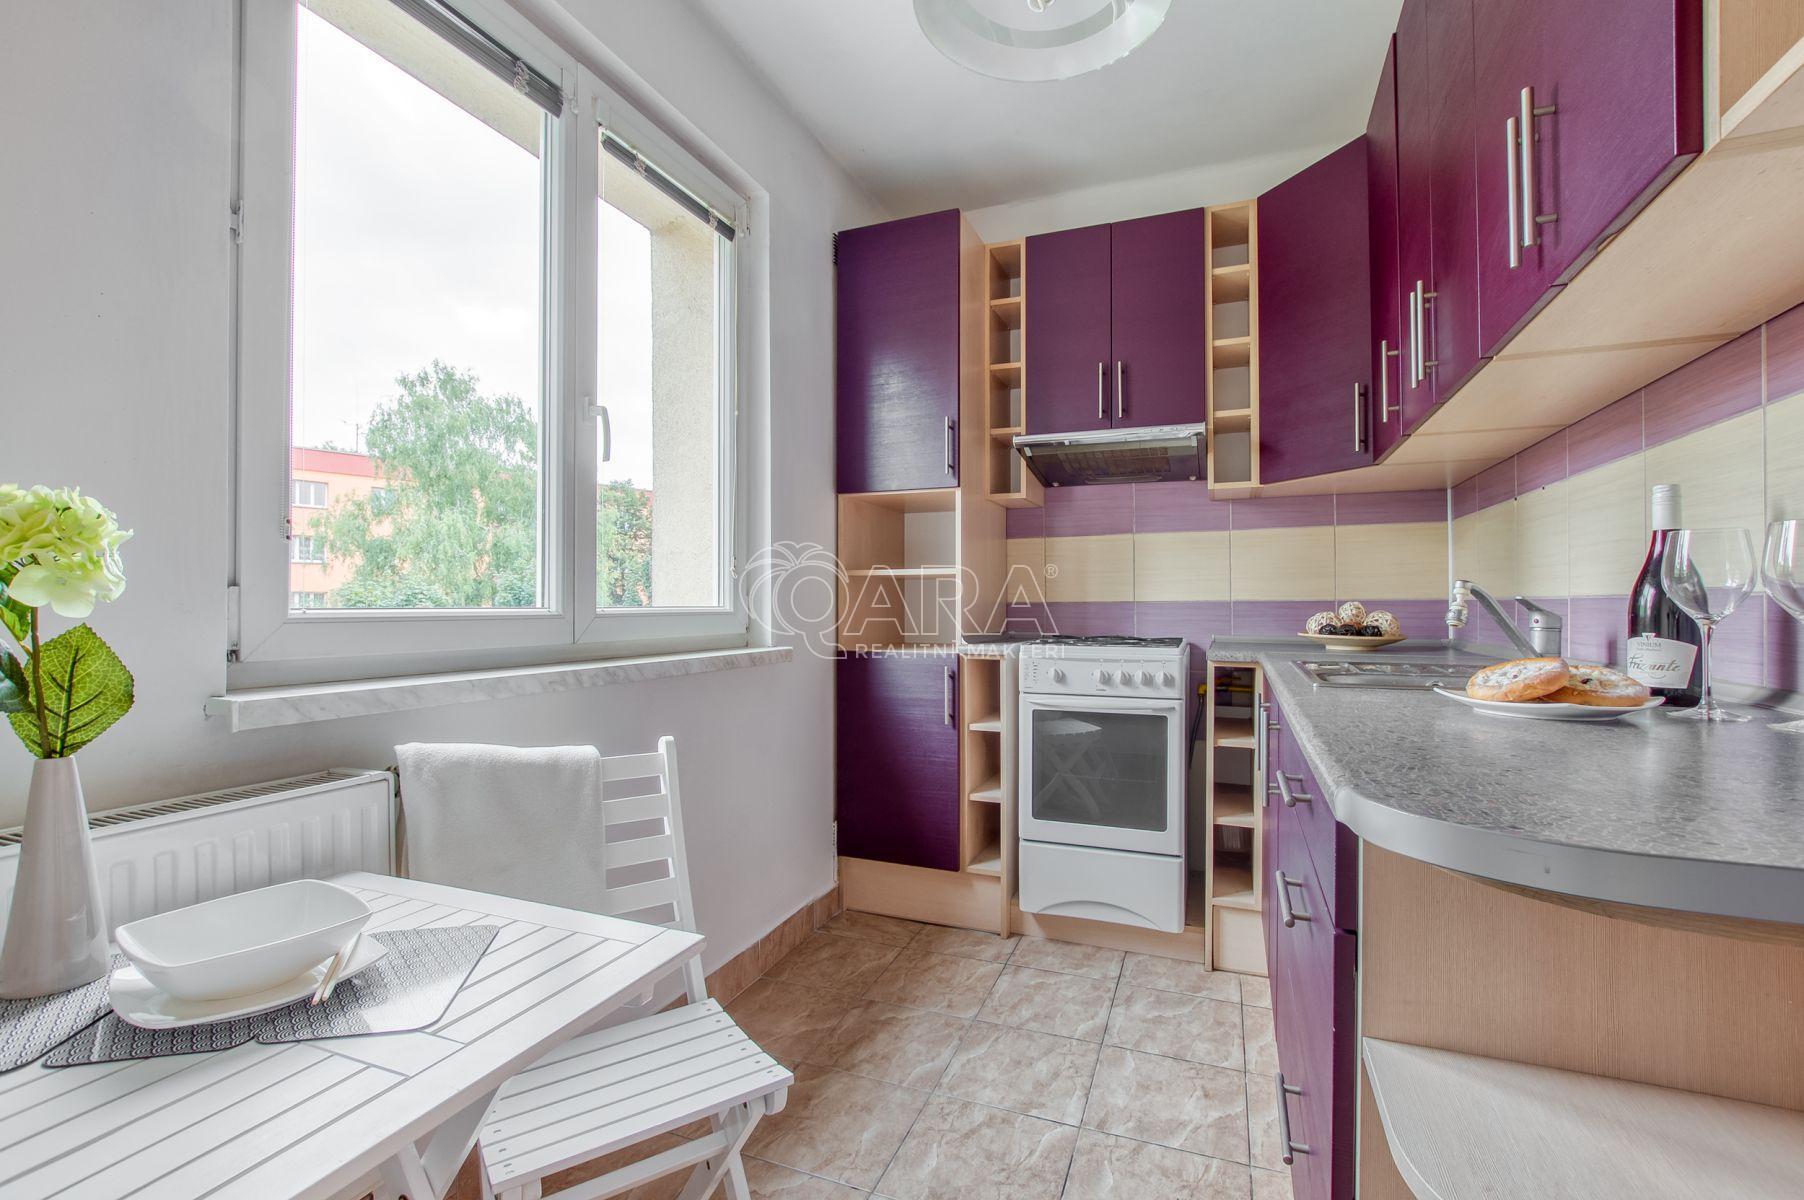 Skvělý byt 2+1 s lodžií, dr.vl. s možným převodem do os.vl., Prameny, Karviná